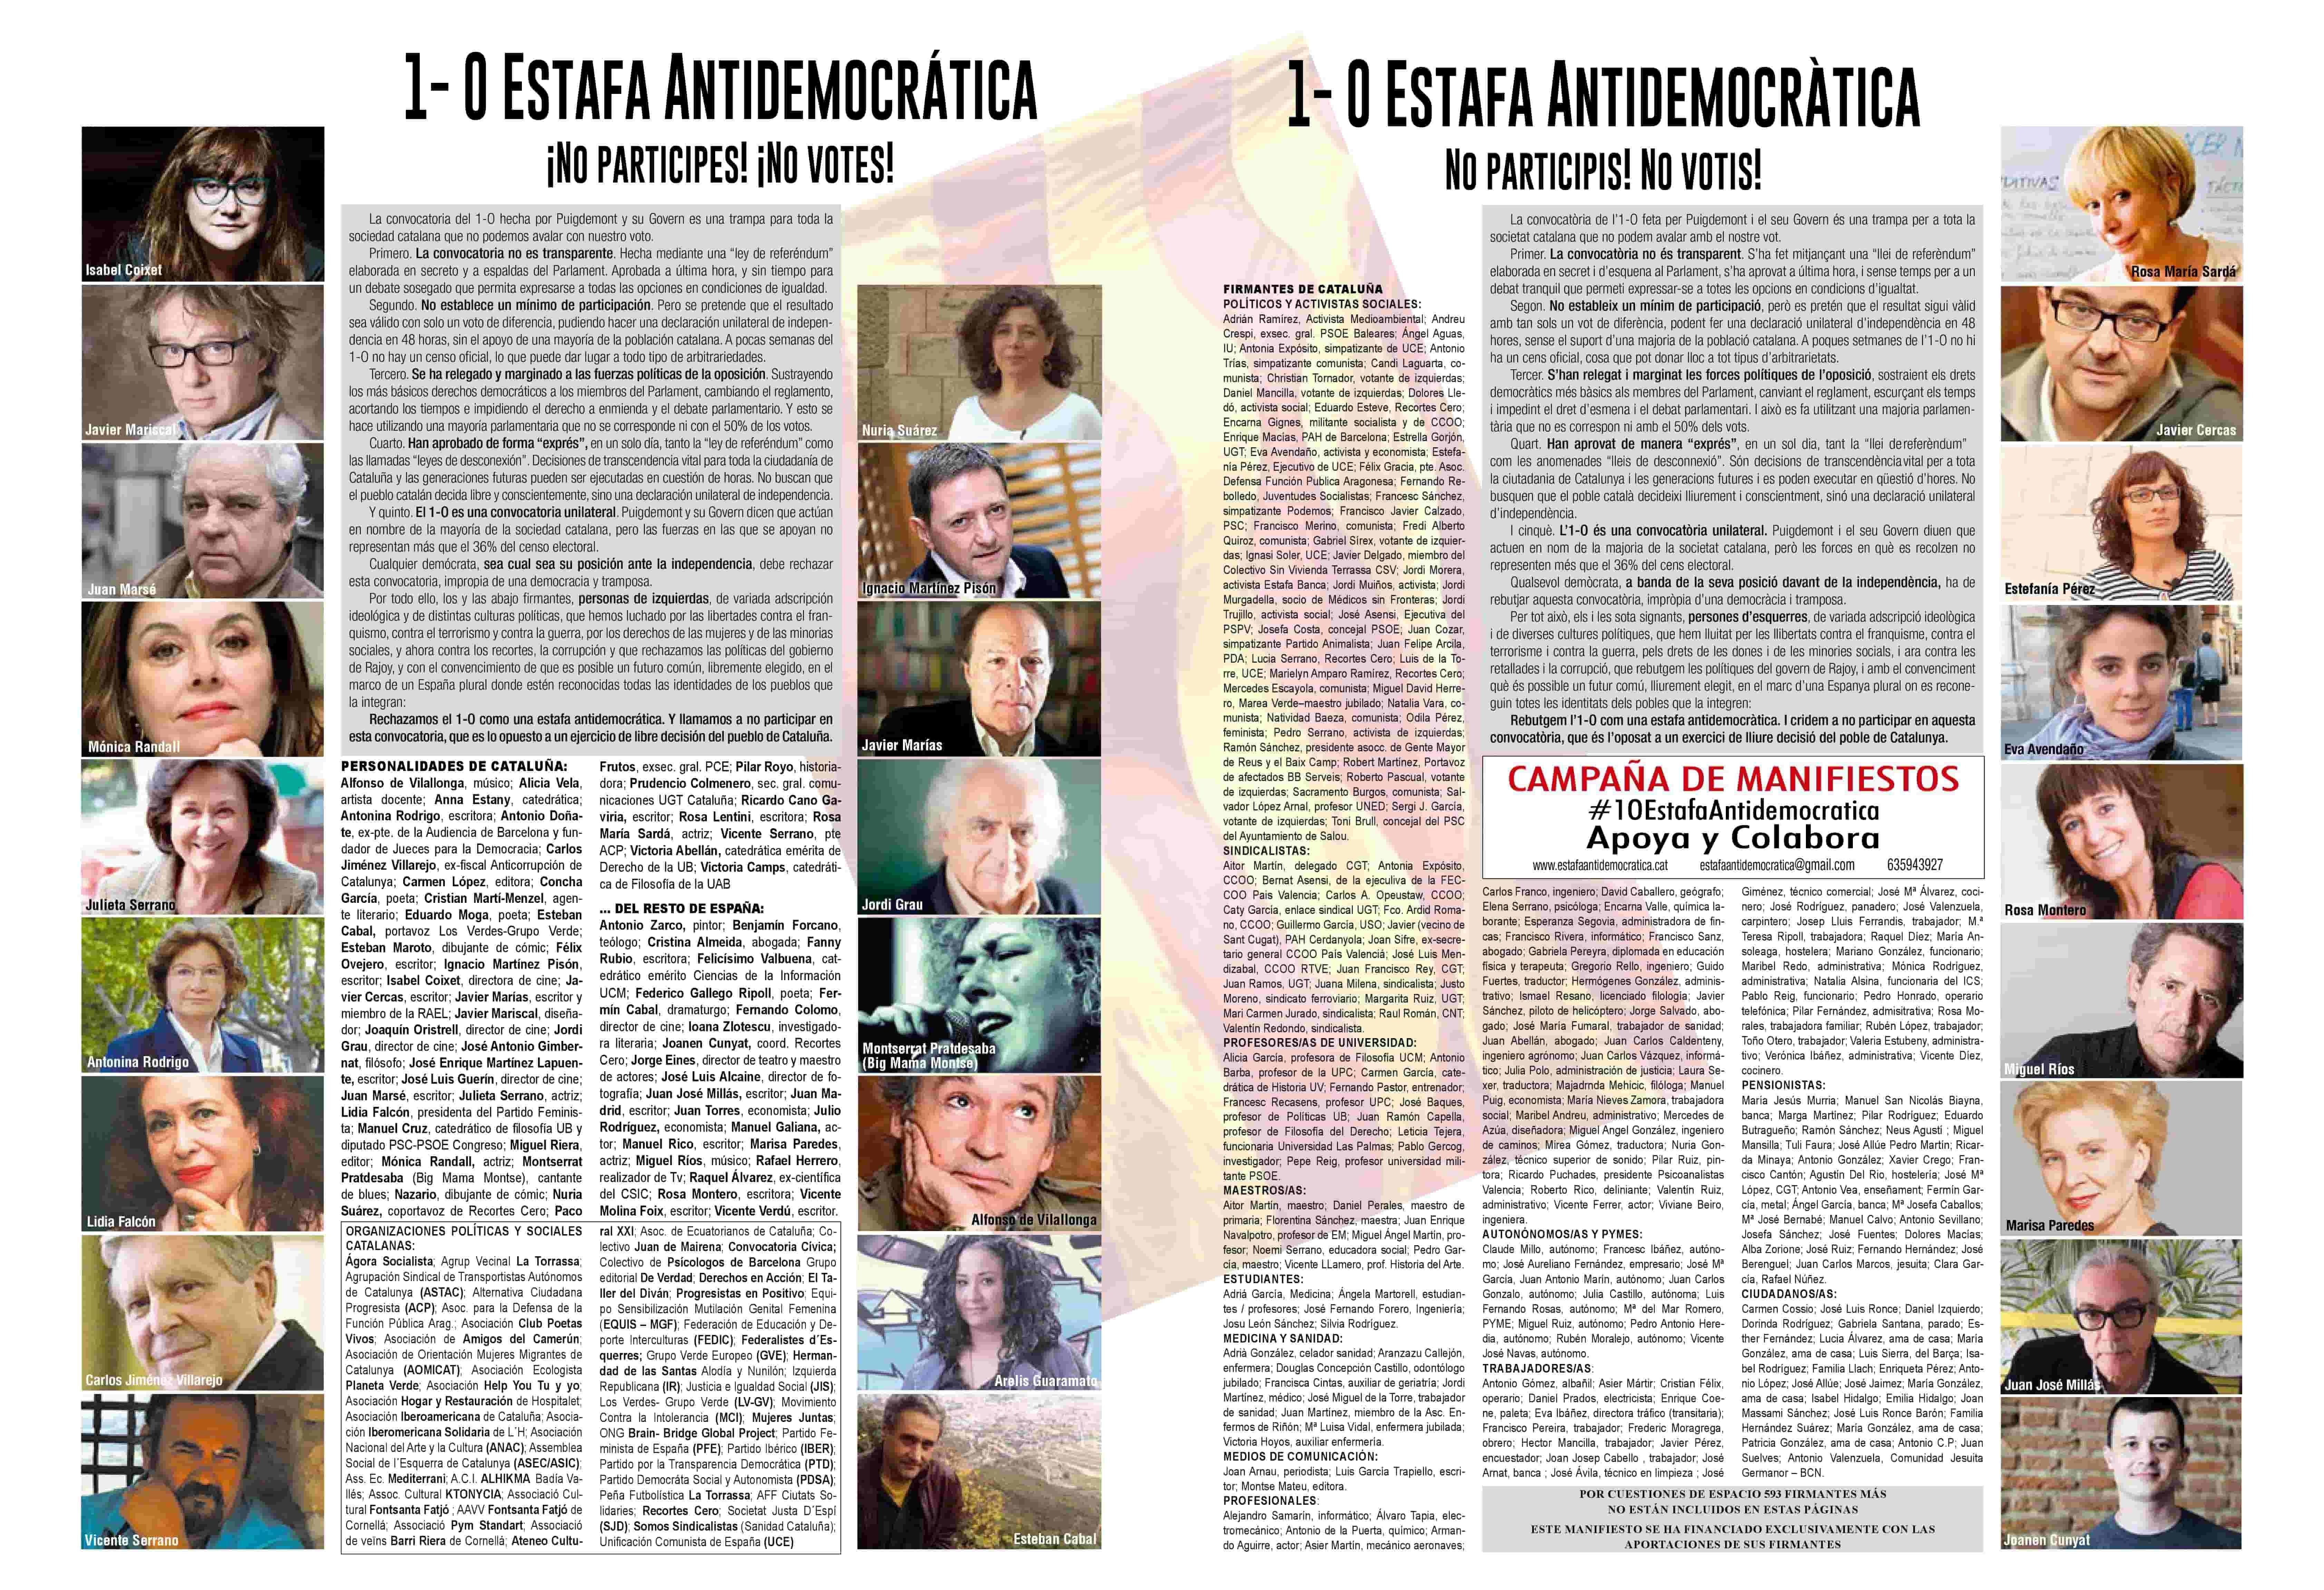 Manifiesto 1-O Estafa Antidemocrática